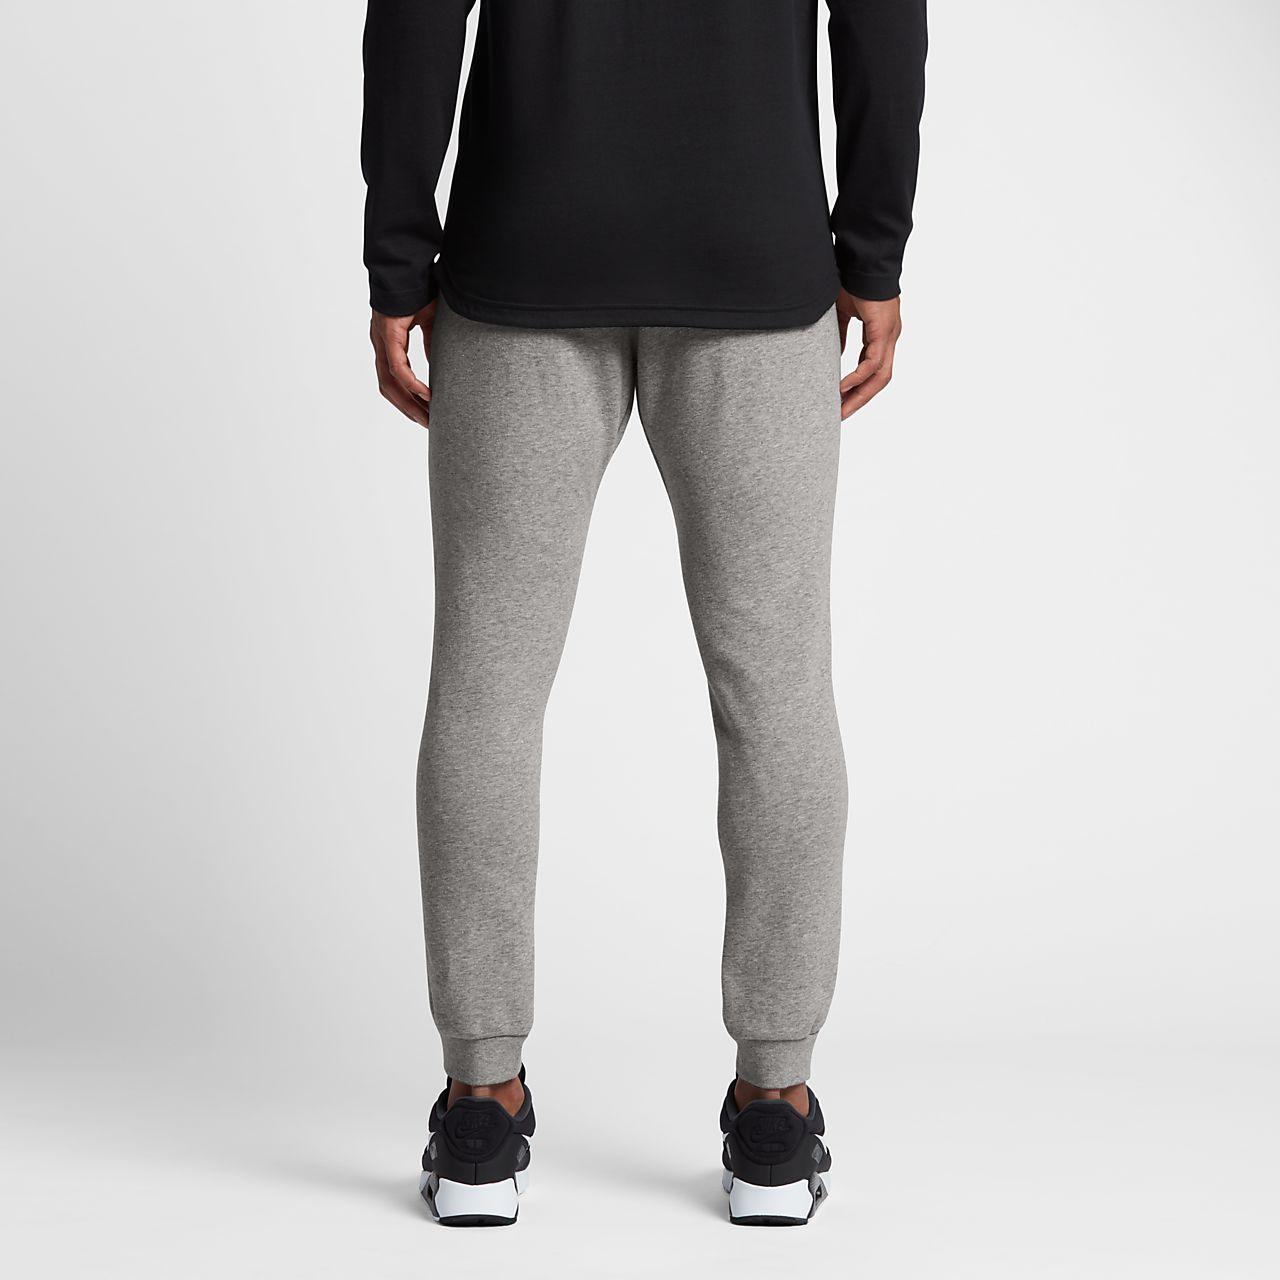 eec97832f6f7e6 Nike Sportswear Club Fleece Herren-Jogger. Nike.com DE